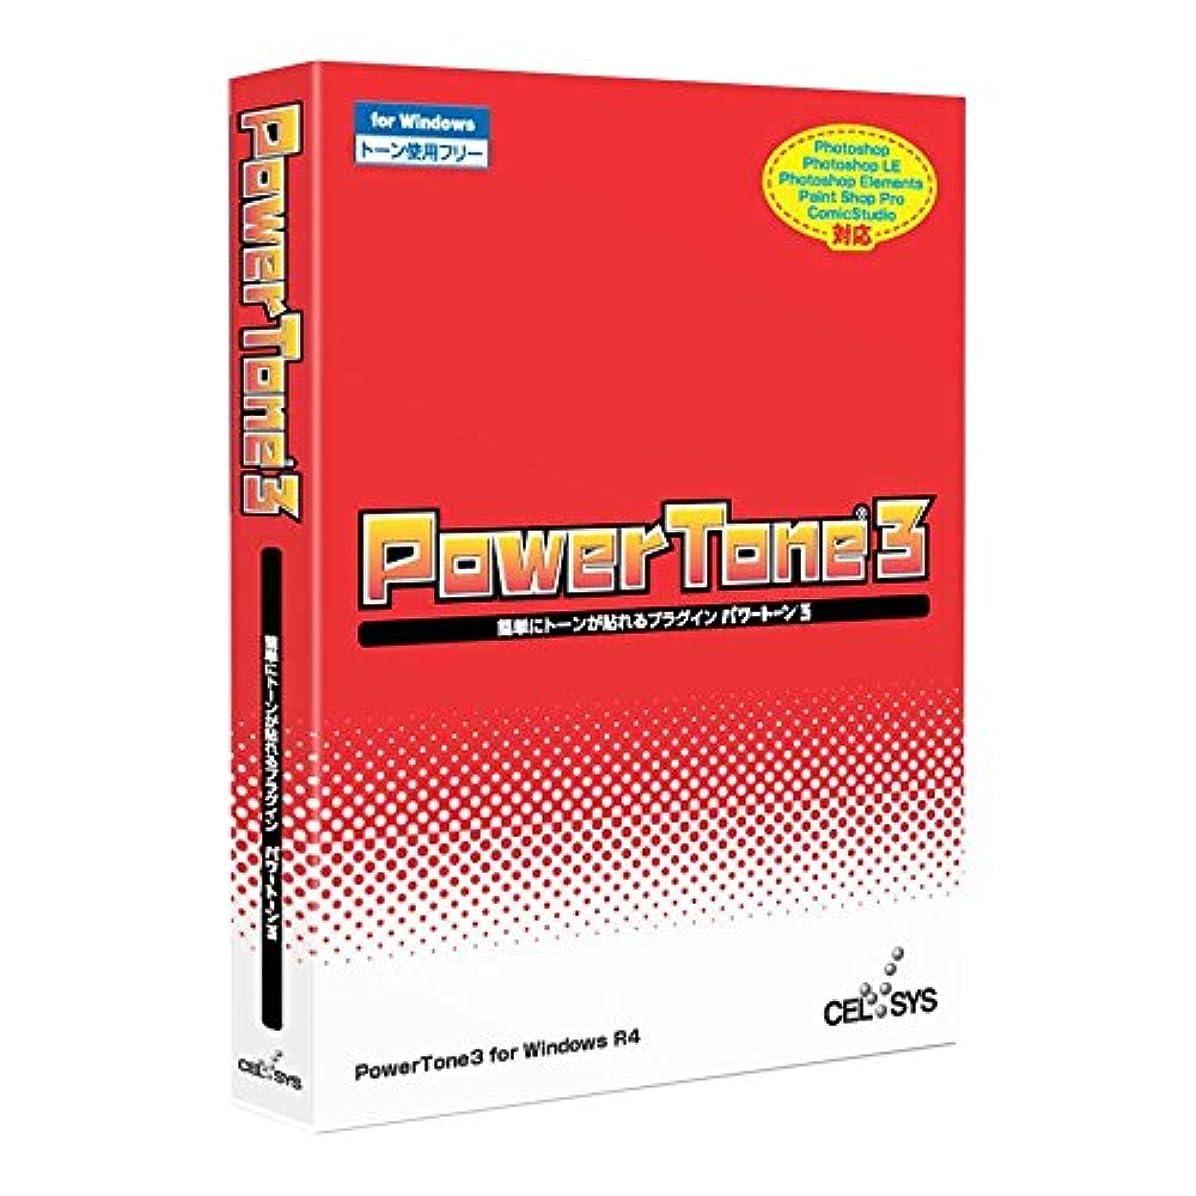 対応するプランタースリラーセルシス POWER TONE 3 R4 for Windows